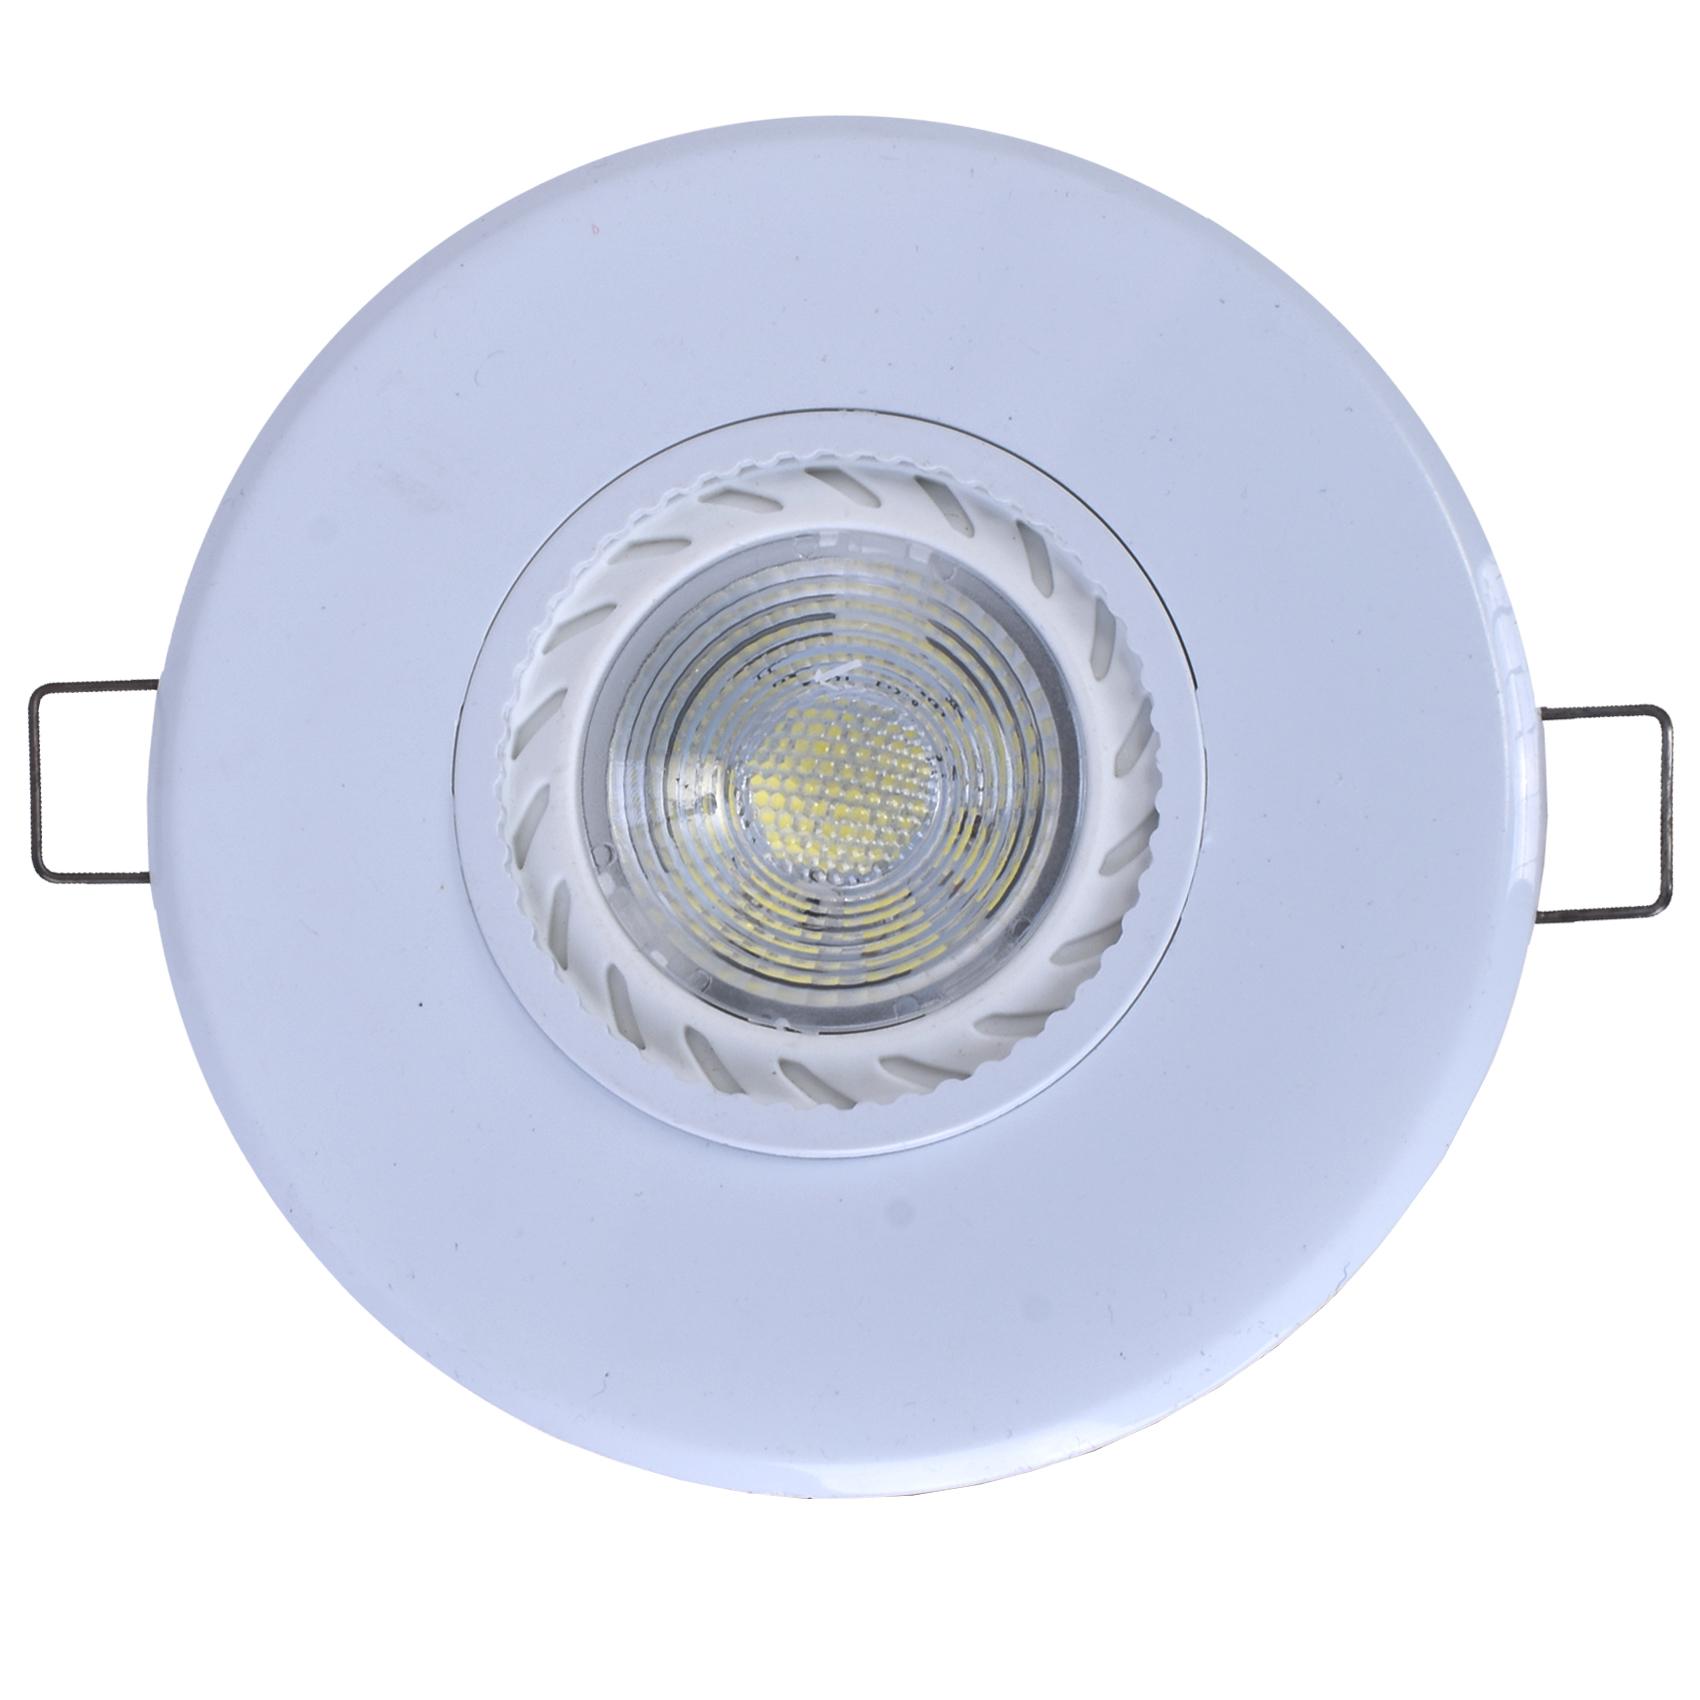 لامپ ال ای دی سقفی  6 وات دلتا مدل هالوژنی